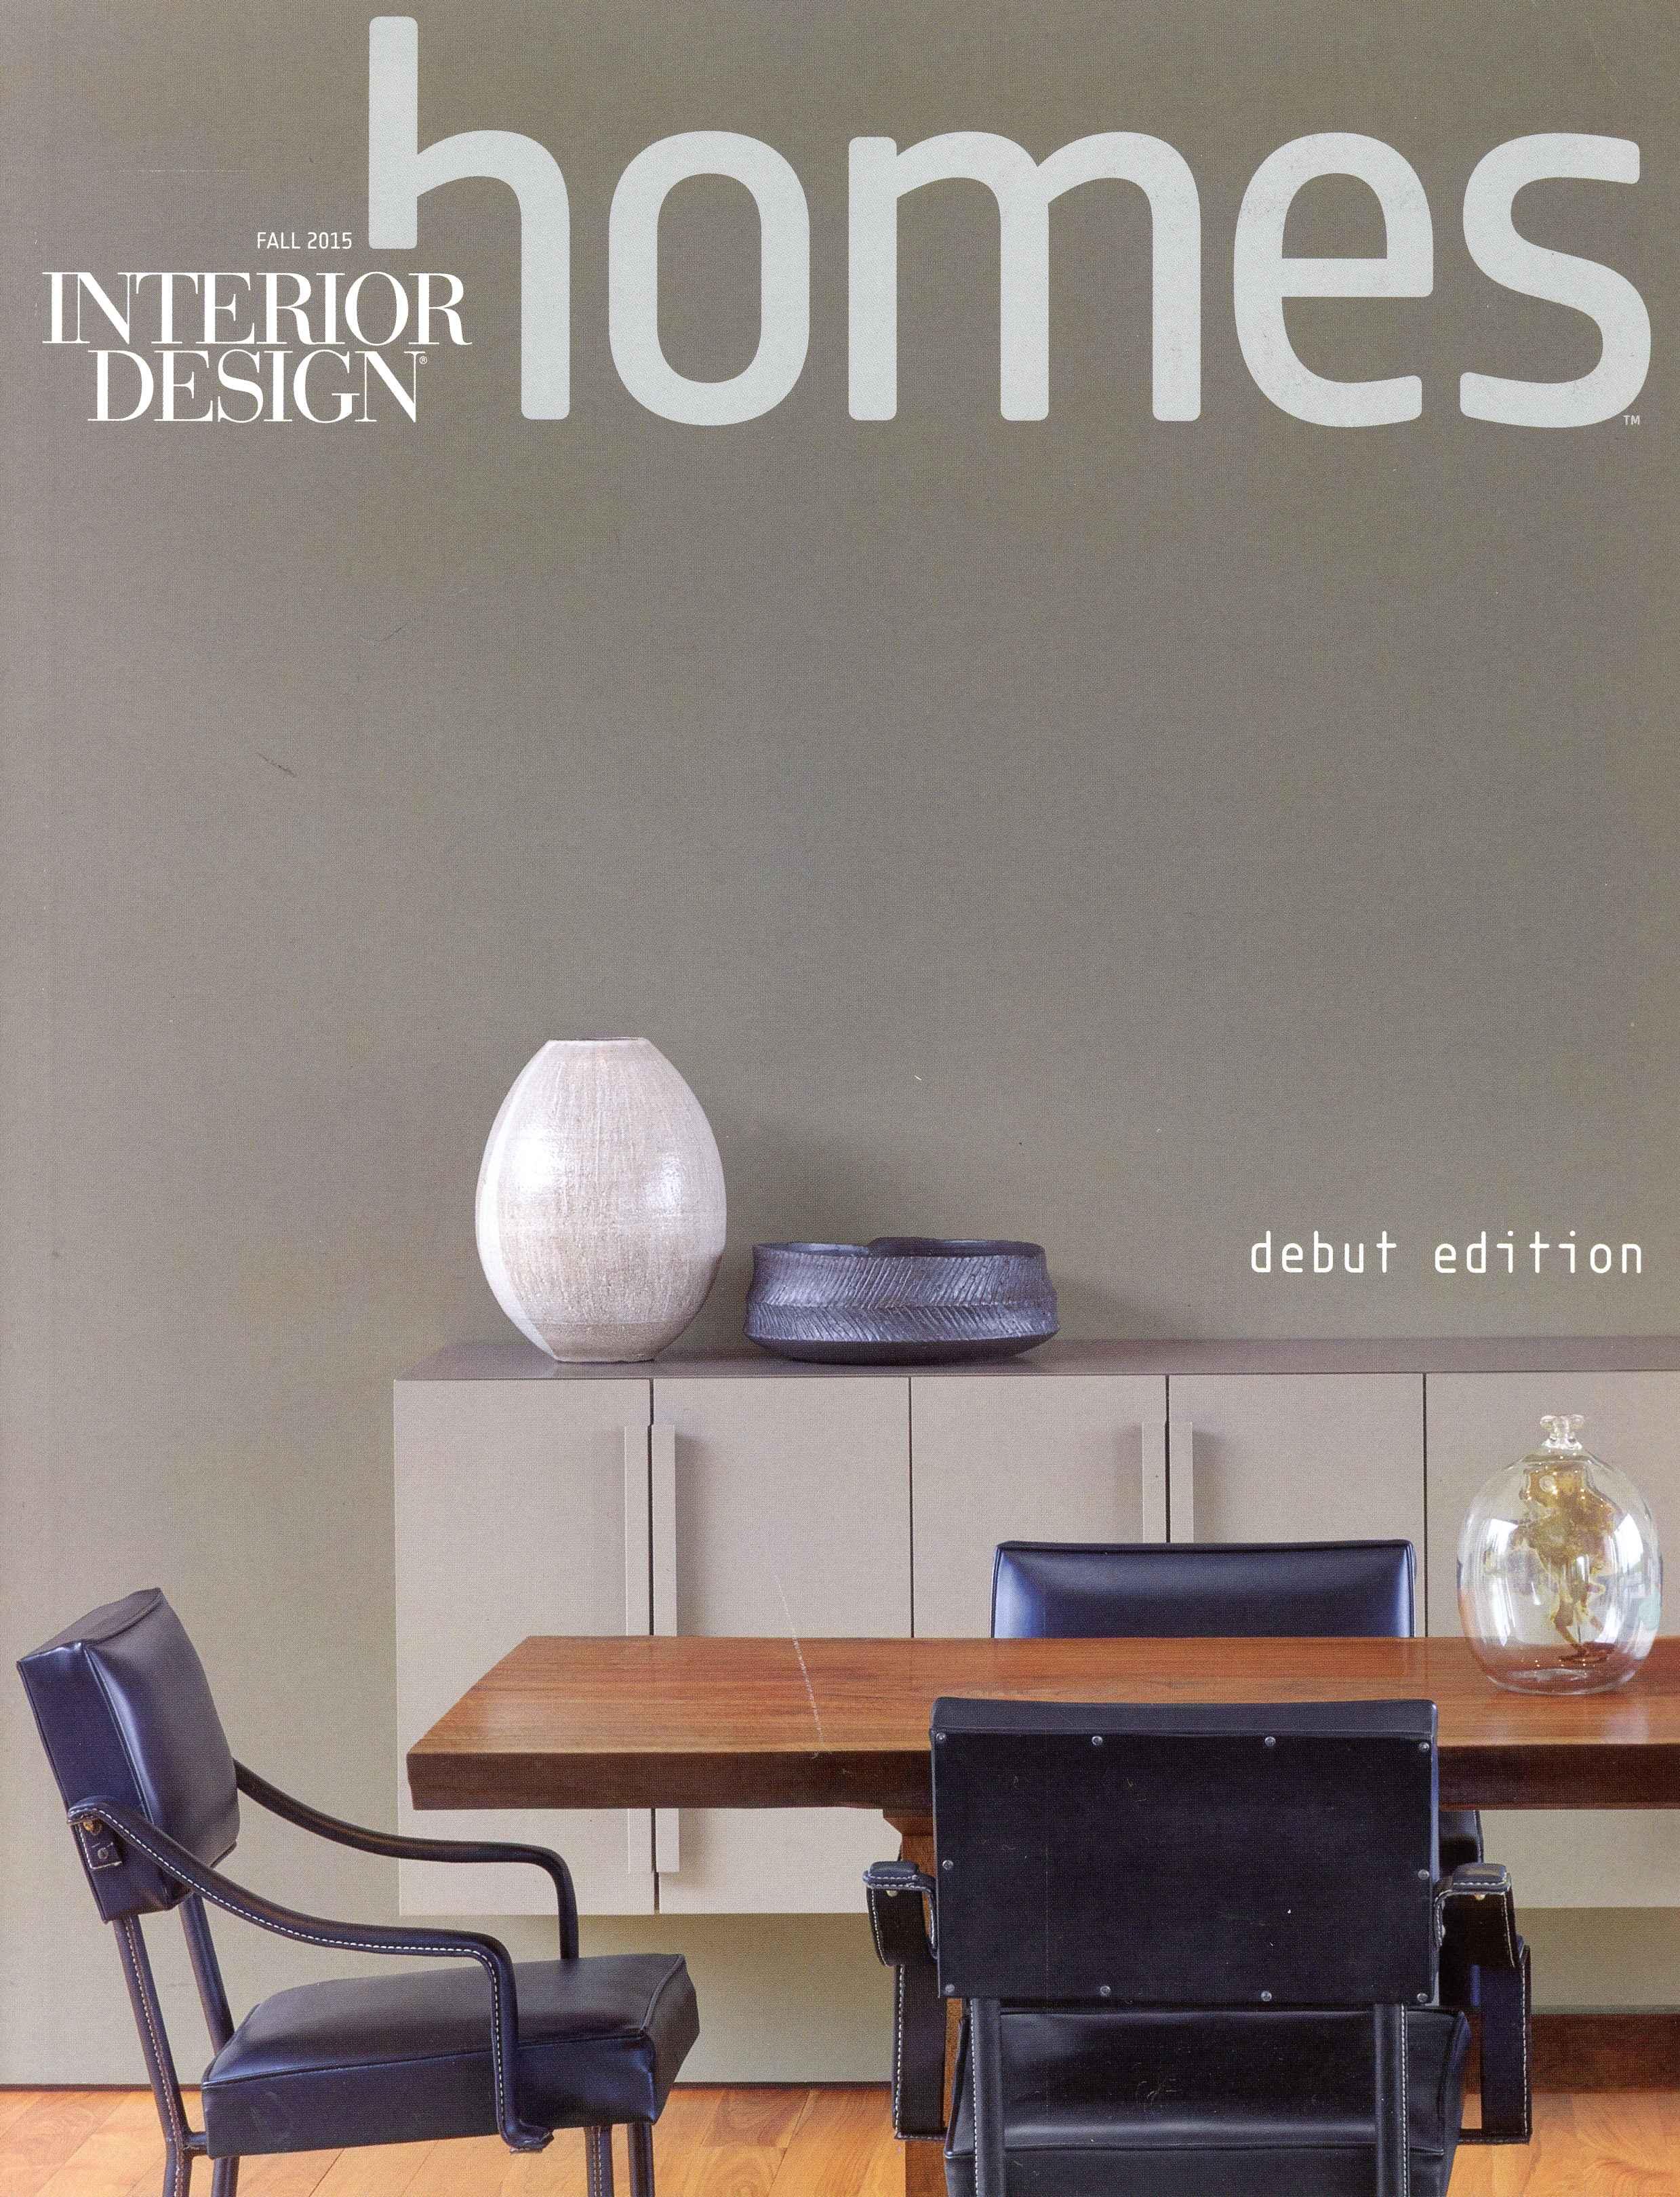 Interior Design Homes_Fall 15_Cover.jpg